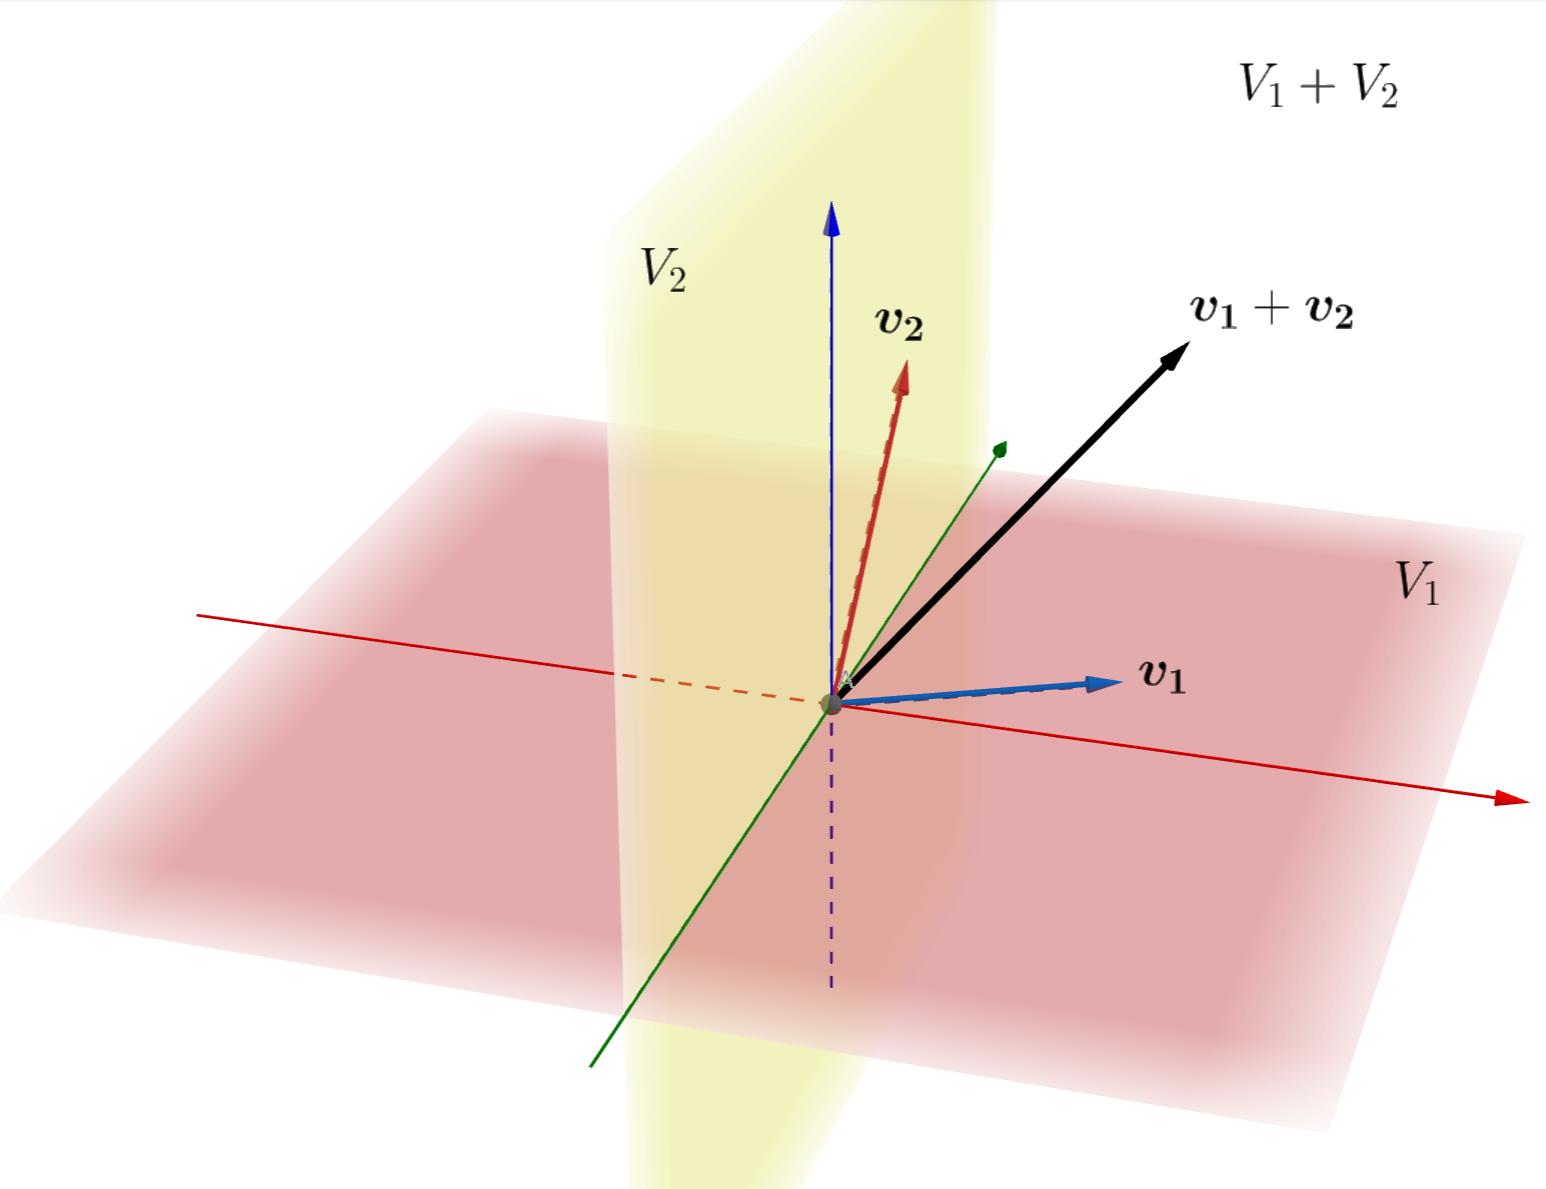 ベクトル空間の和・直和の定義とその次元の等式の証明